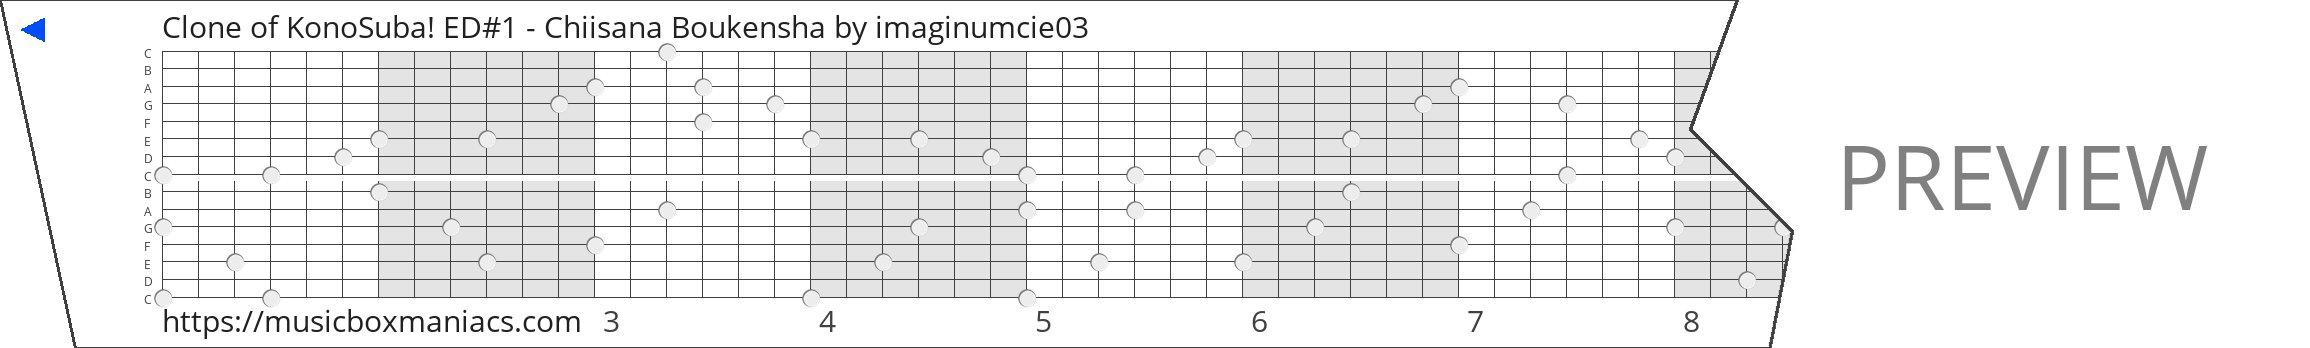 Clone of KonoSuba! ED#1 - Chiisana Boukensha 15 note music box paper strip